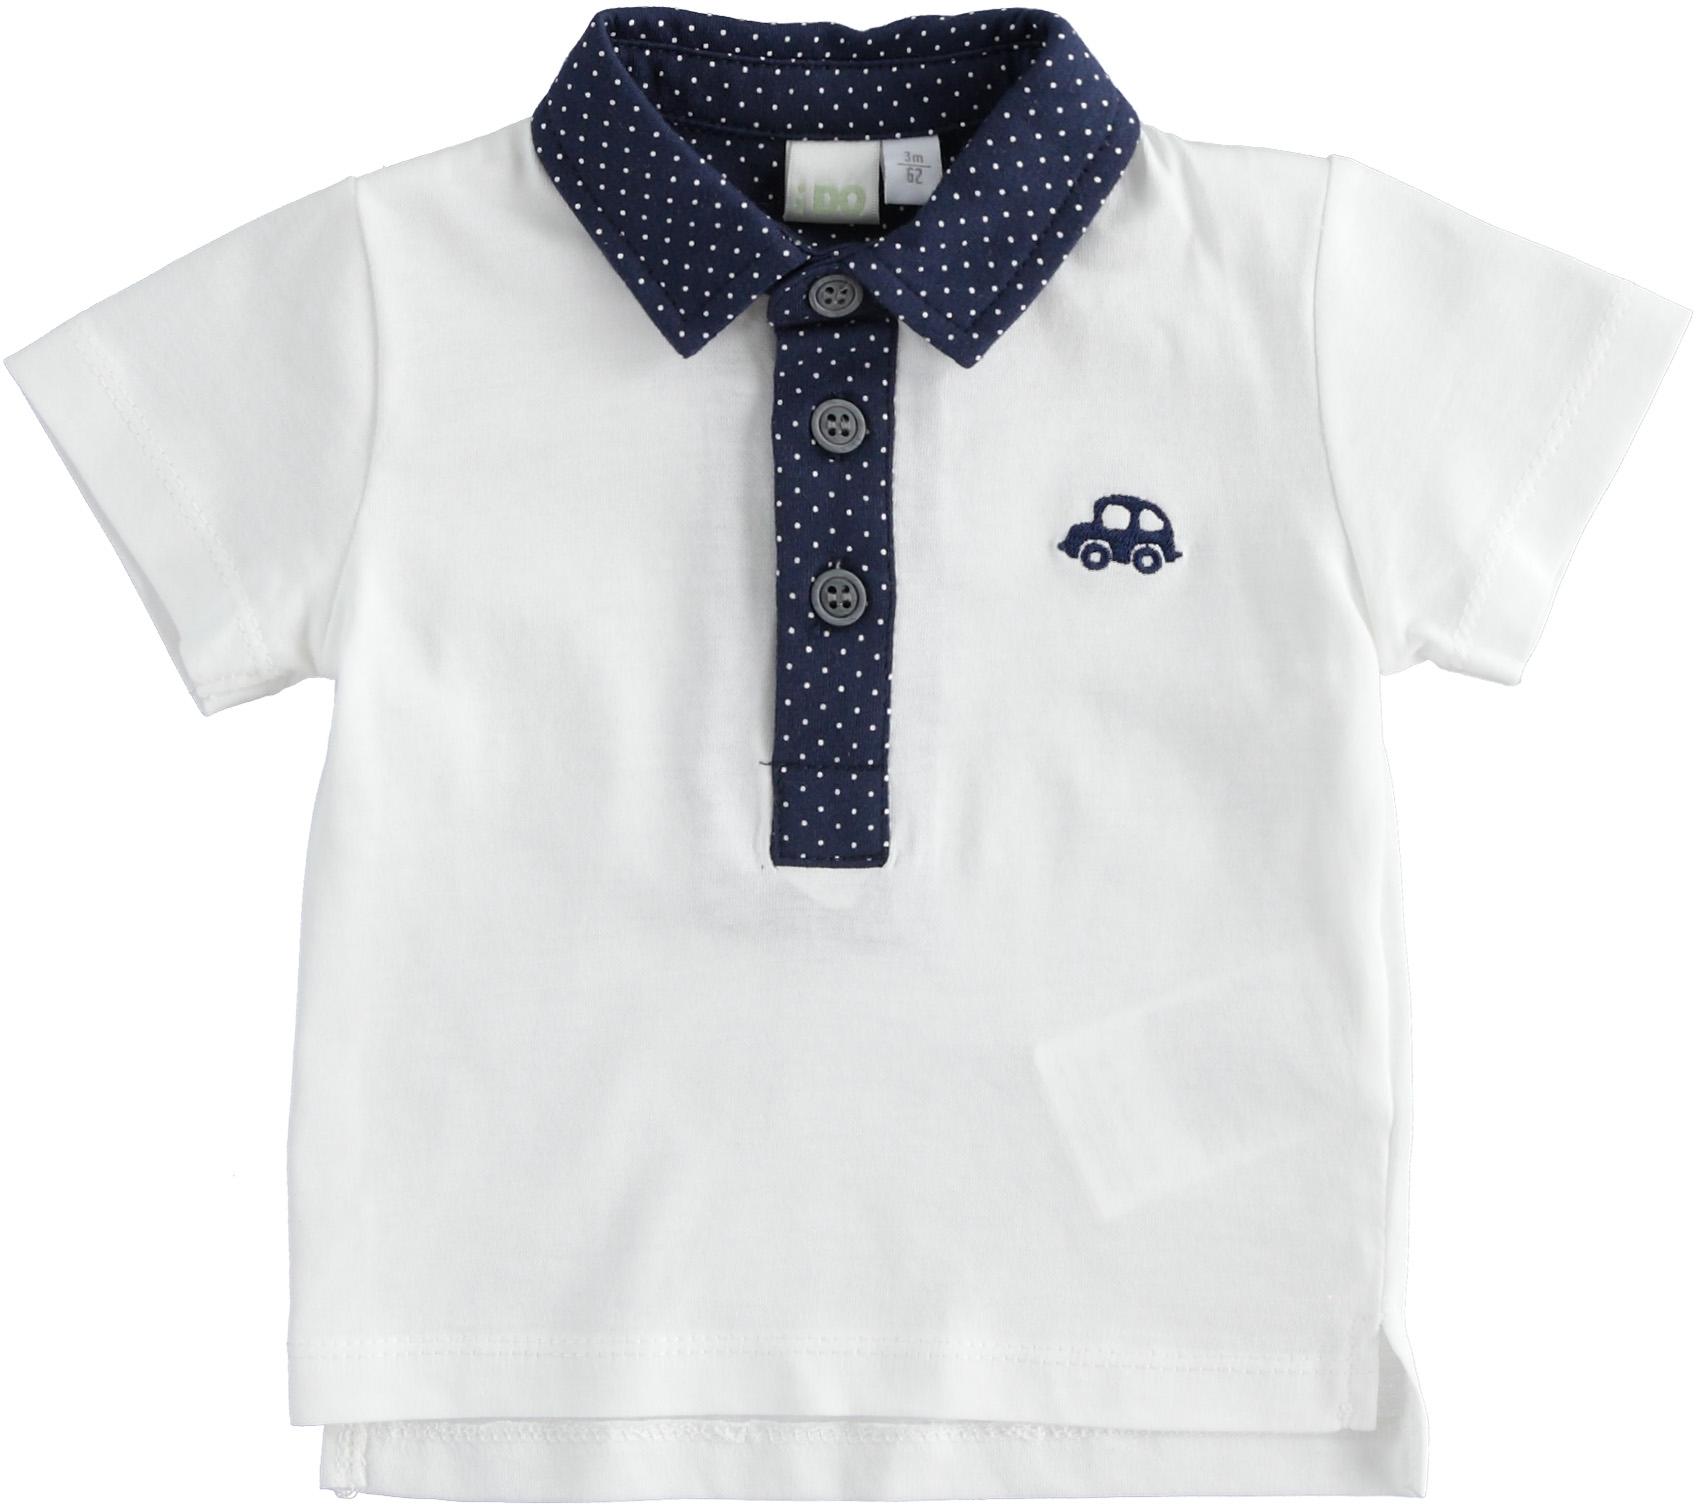 iDO fehér galléros kisfiú újszülött póló